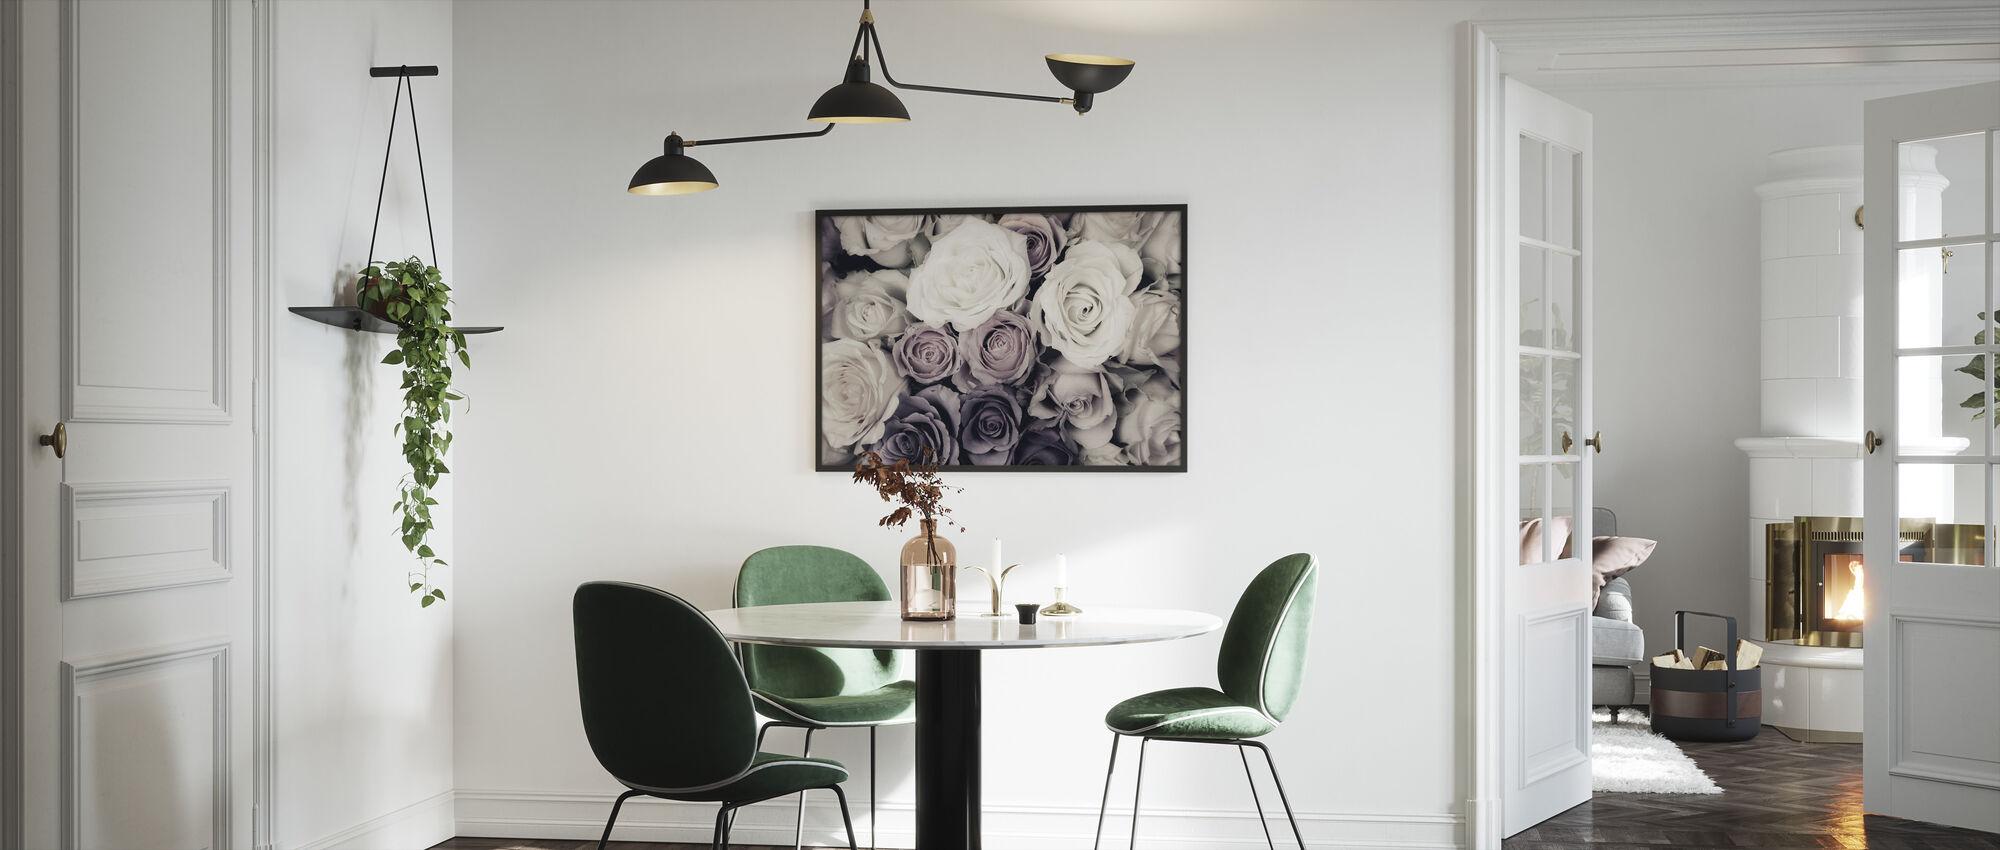 Mørke roser - Innrammet bilde - Kjøkken